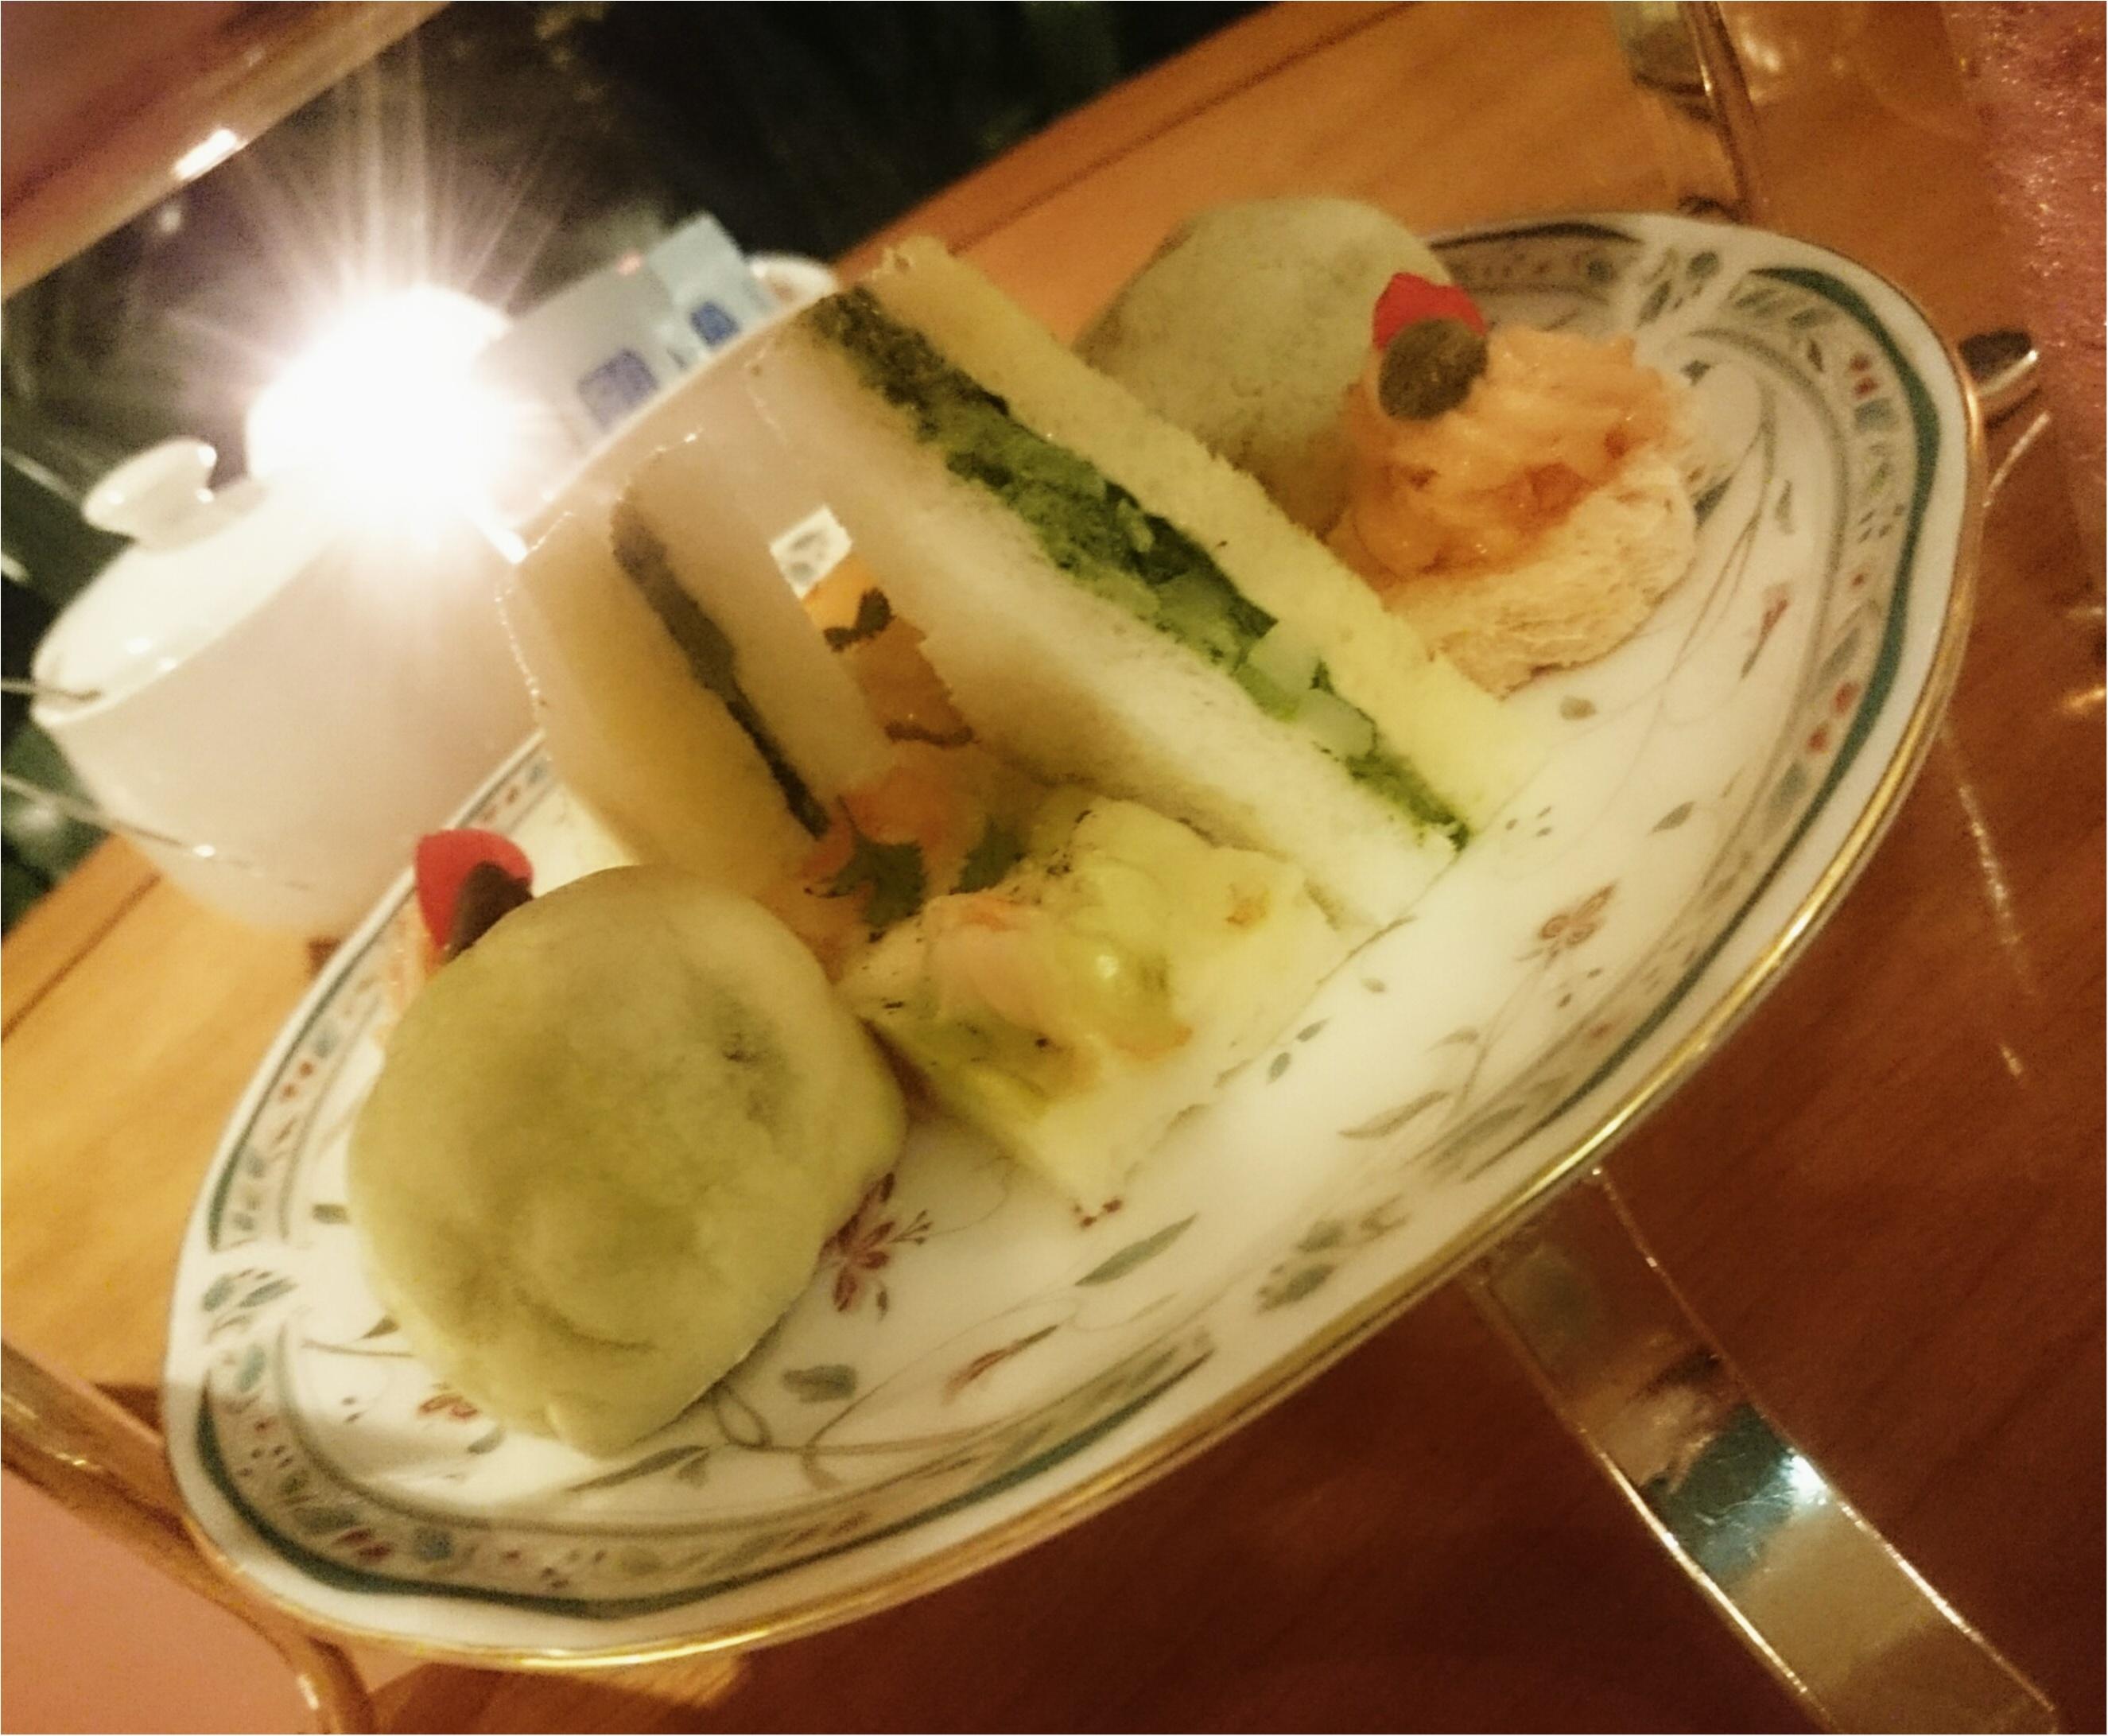 今日からはじまった「ホテル椿山荘東京」の桜イブニングキュートティーへ行ってきました♥_20